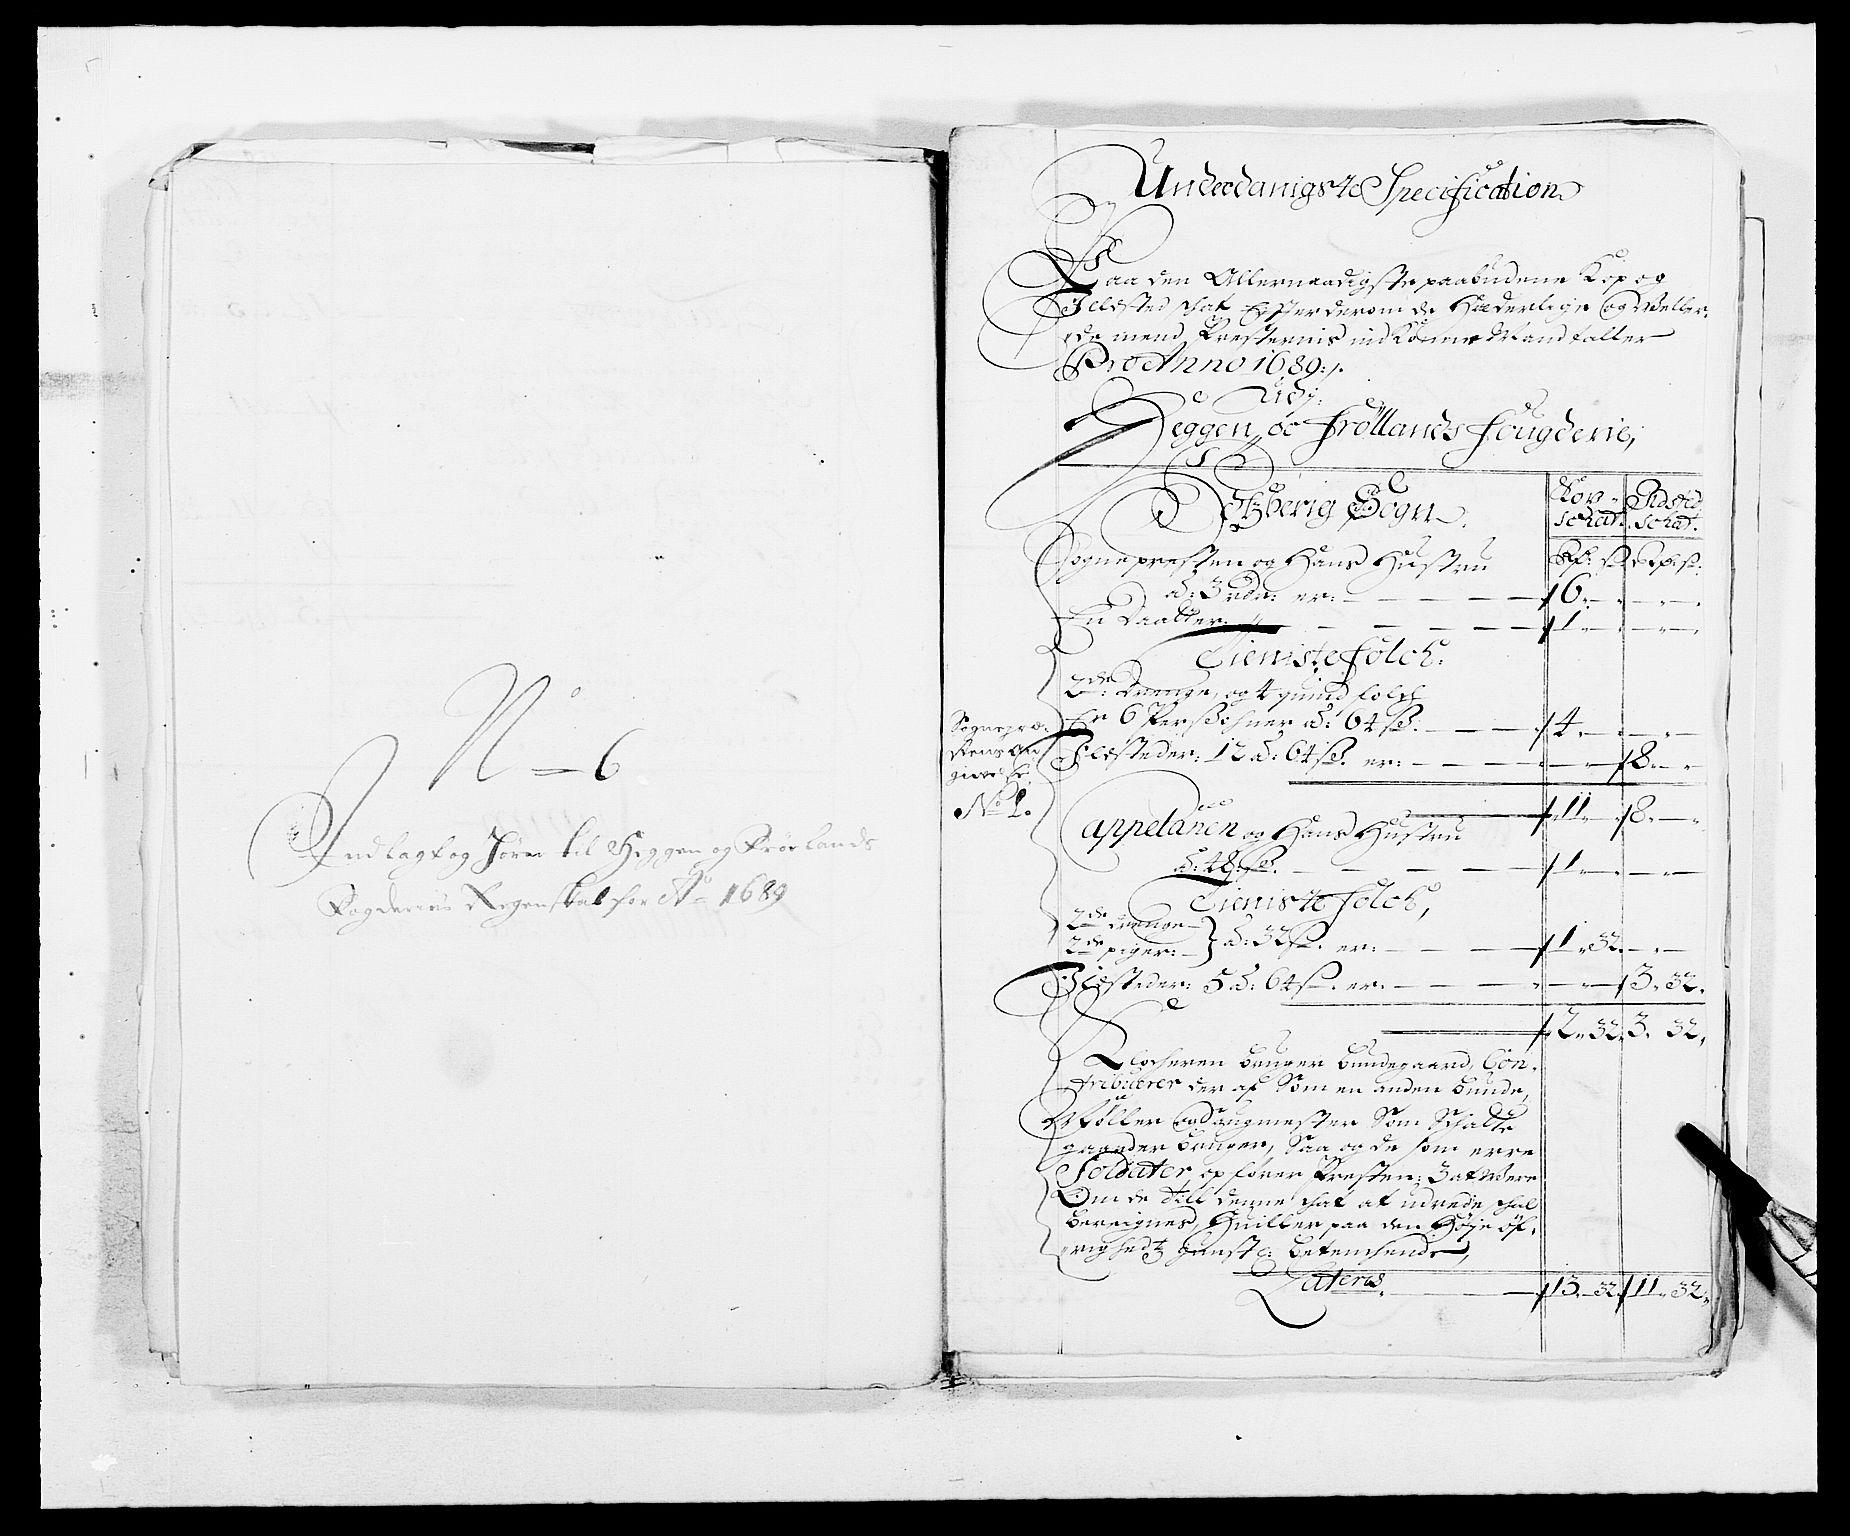 RA, Rentekammeret inntil 1814, Reviderte regnskaper, Fogderegnskap, R06/L0282: Fogderegnskap Heggen og Frøland, 1687-1690, s. 166